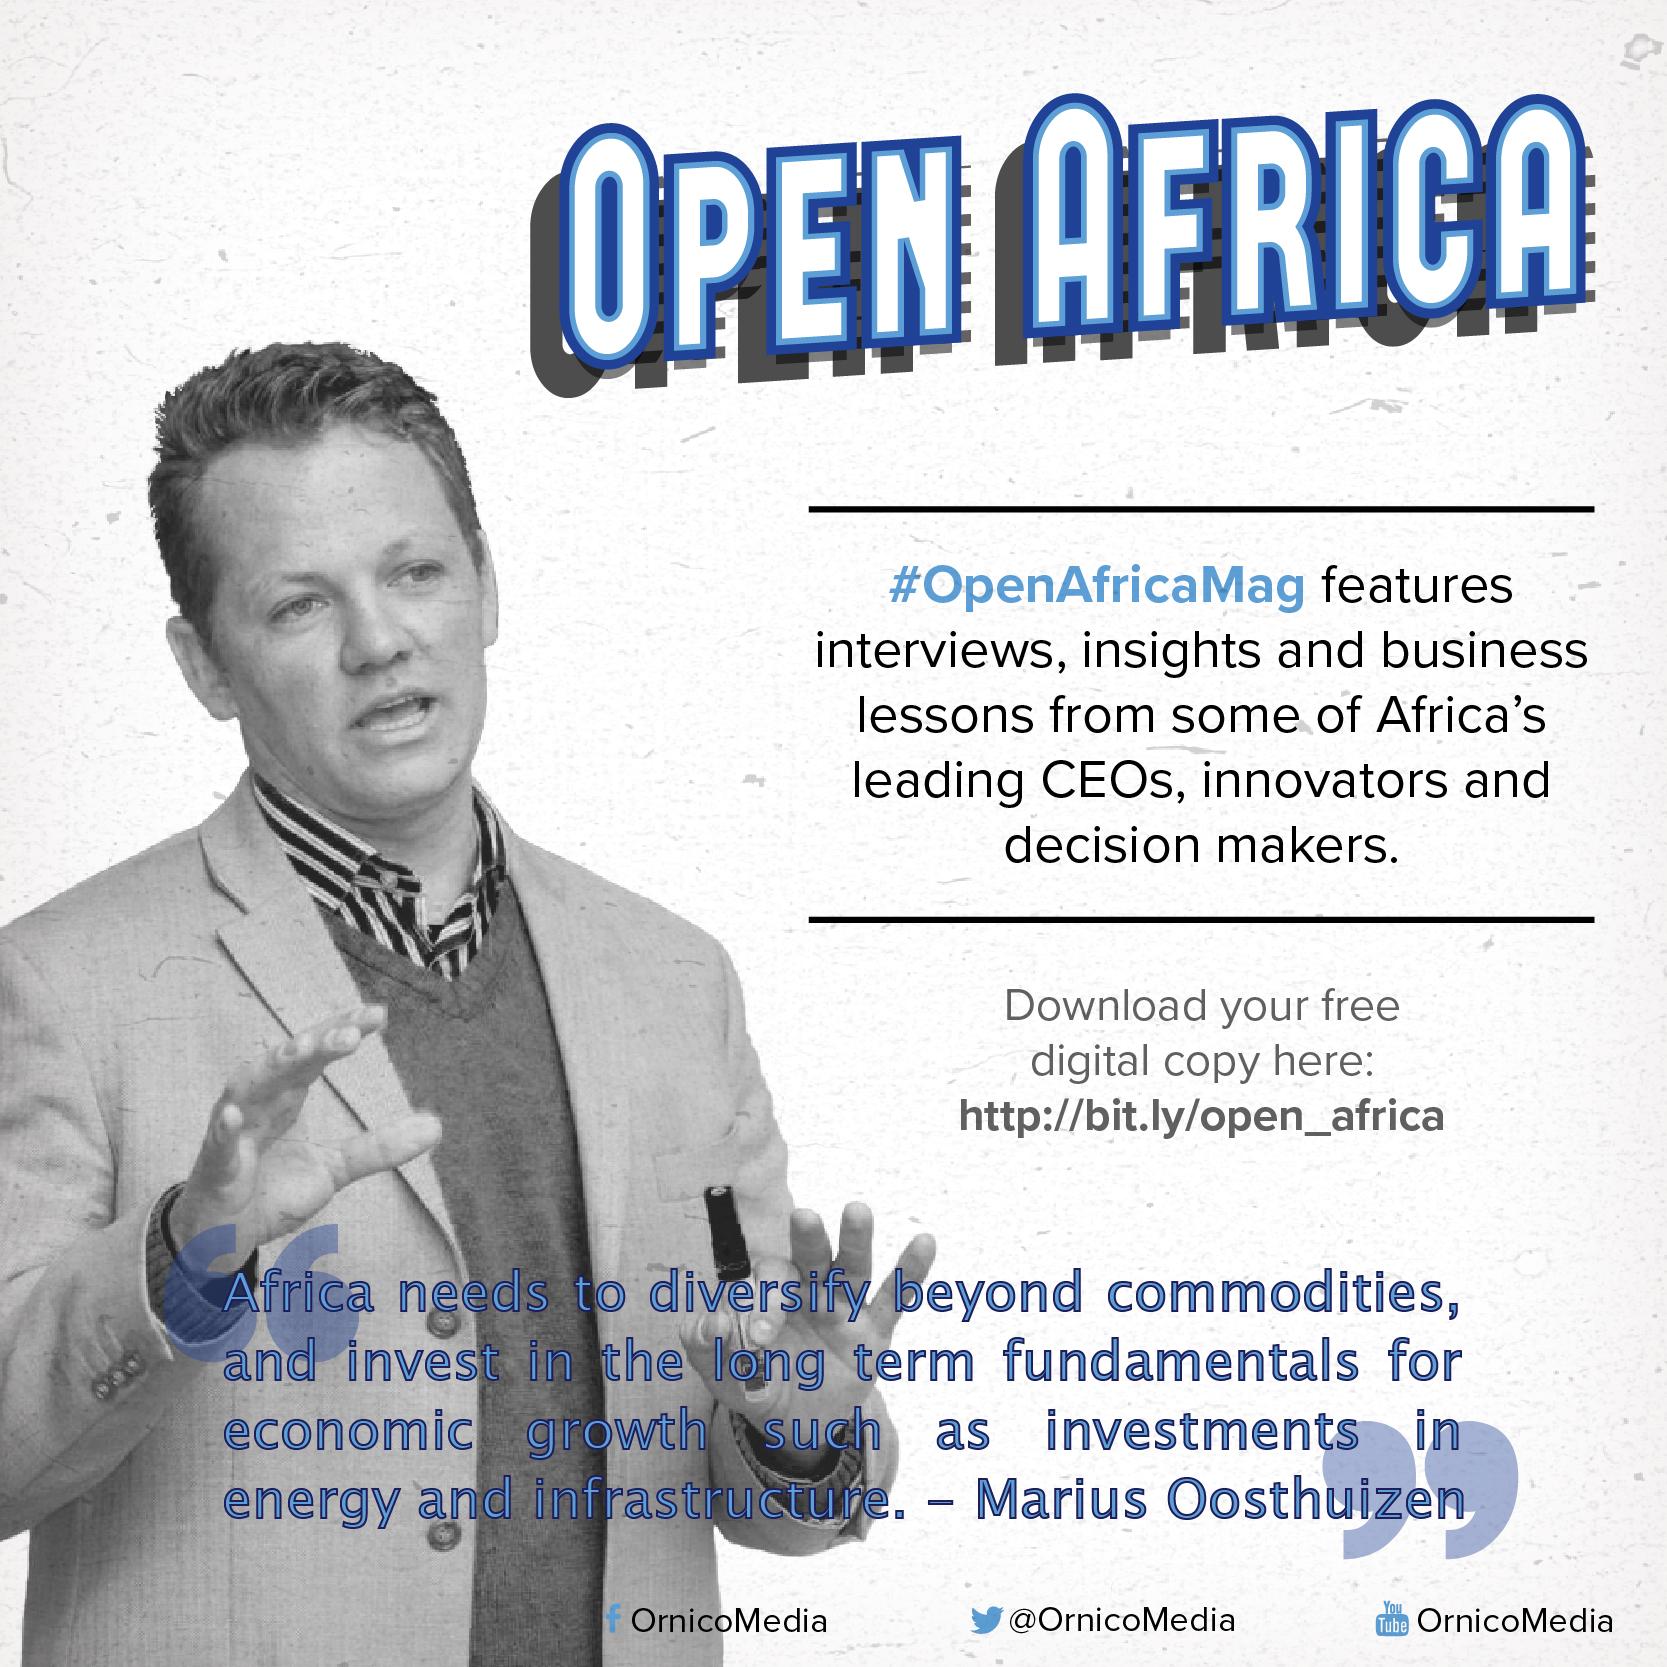 Marius Oosthuizen on #OpenAfrcaMag